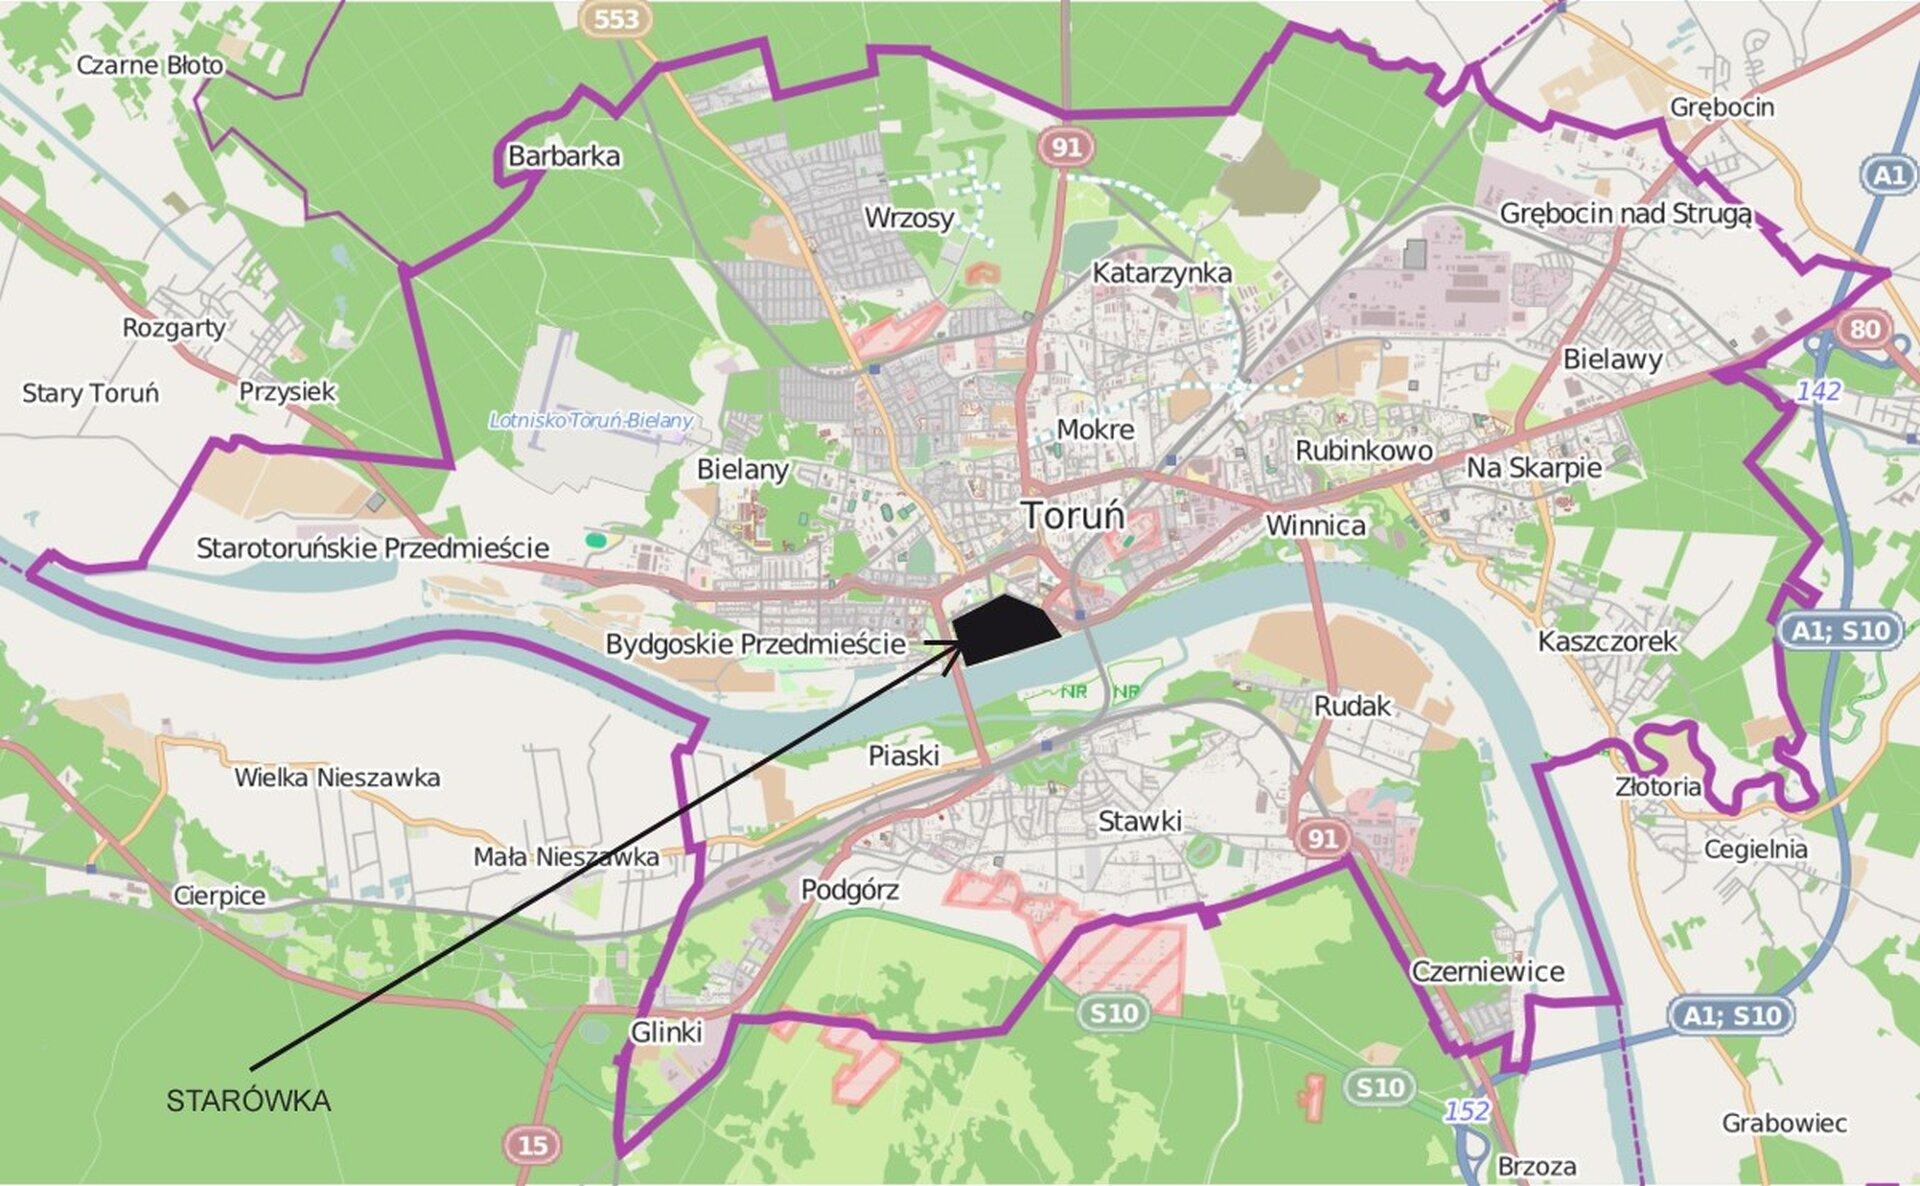 Ilustracja przedstawia współczesną mapę geograficzną miasta Toruń. Mapa jest kolorowa. Duży obszar wokół miasta wypełniają zaznaczone tereny zielone, wśród nich lasy. Czarnym kolorem zaznaczono starówkę, akolorem fioletowym - obszar administracyjny miasta. Na mapie naniesione są nazwy dzielnic Torunia.